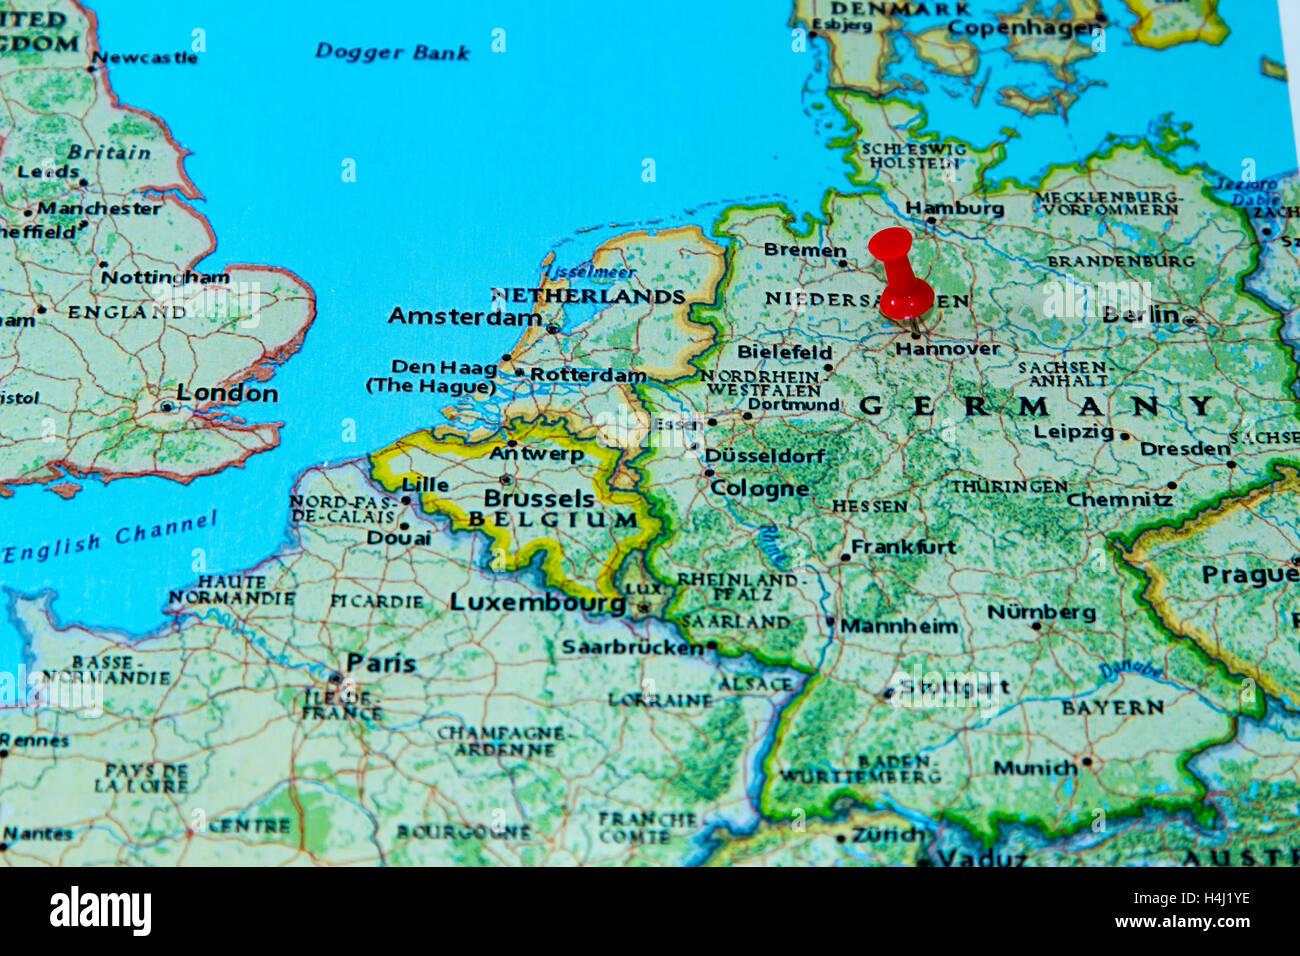 Dortmund Germania Cartina.Hannover Germania Imperniata Su Una Mappa Dell Europa Foto Stock Alamy